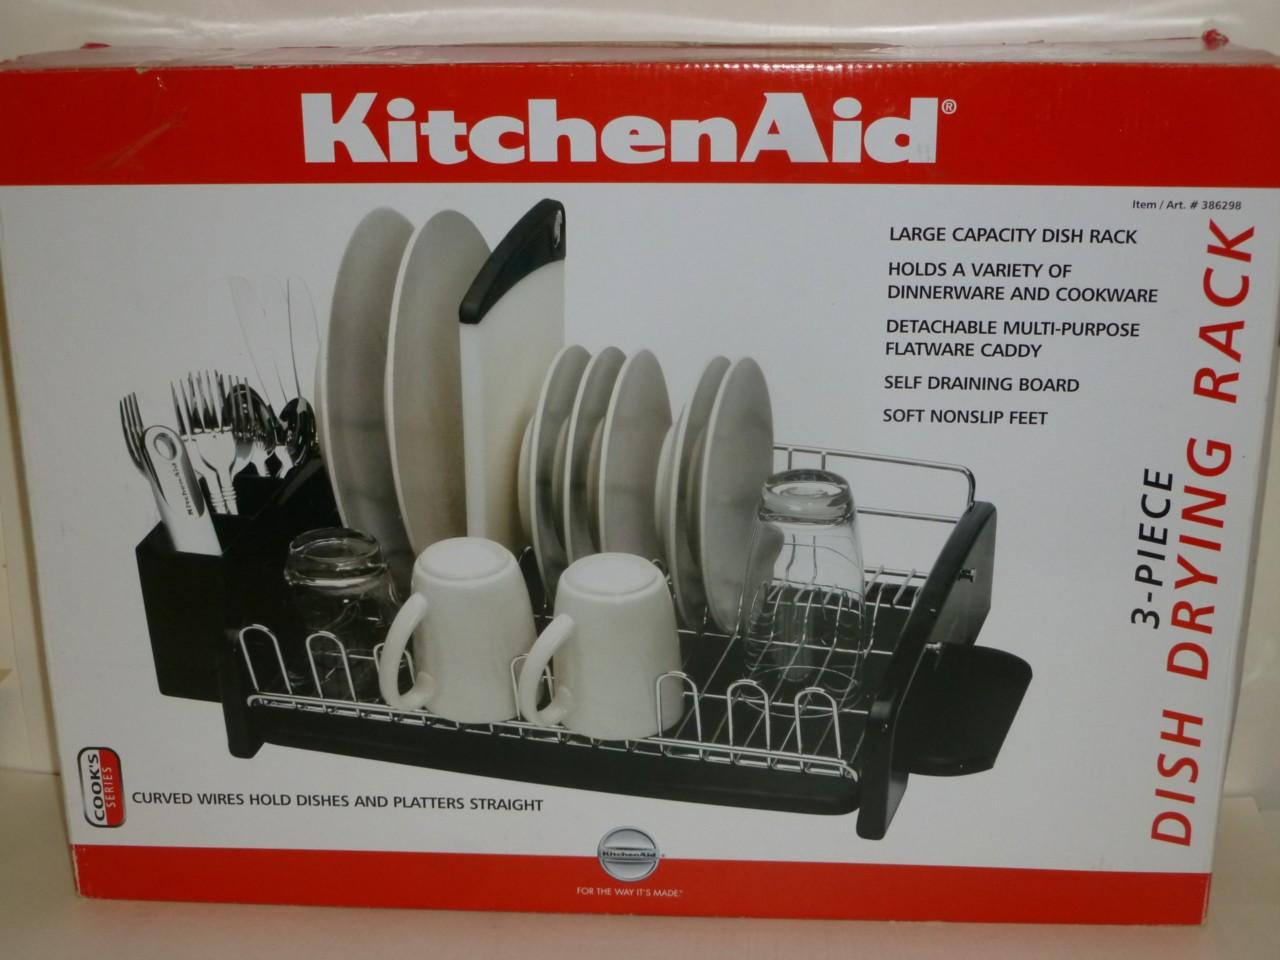 New Kitchenaid 3 Piece Dish Drying Rack Black Kat896ob Ebay